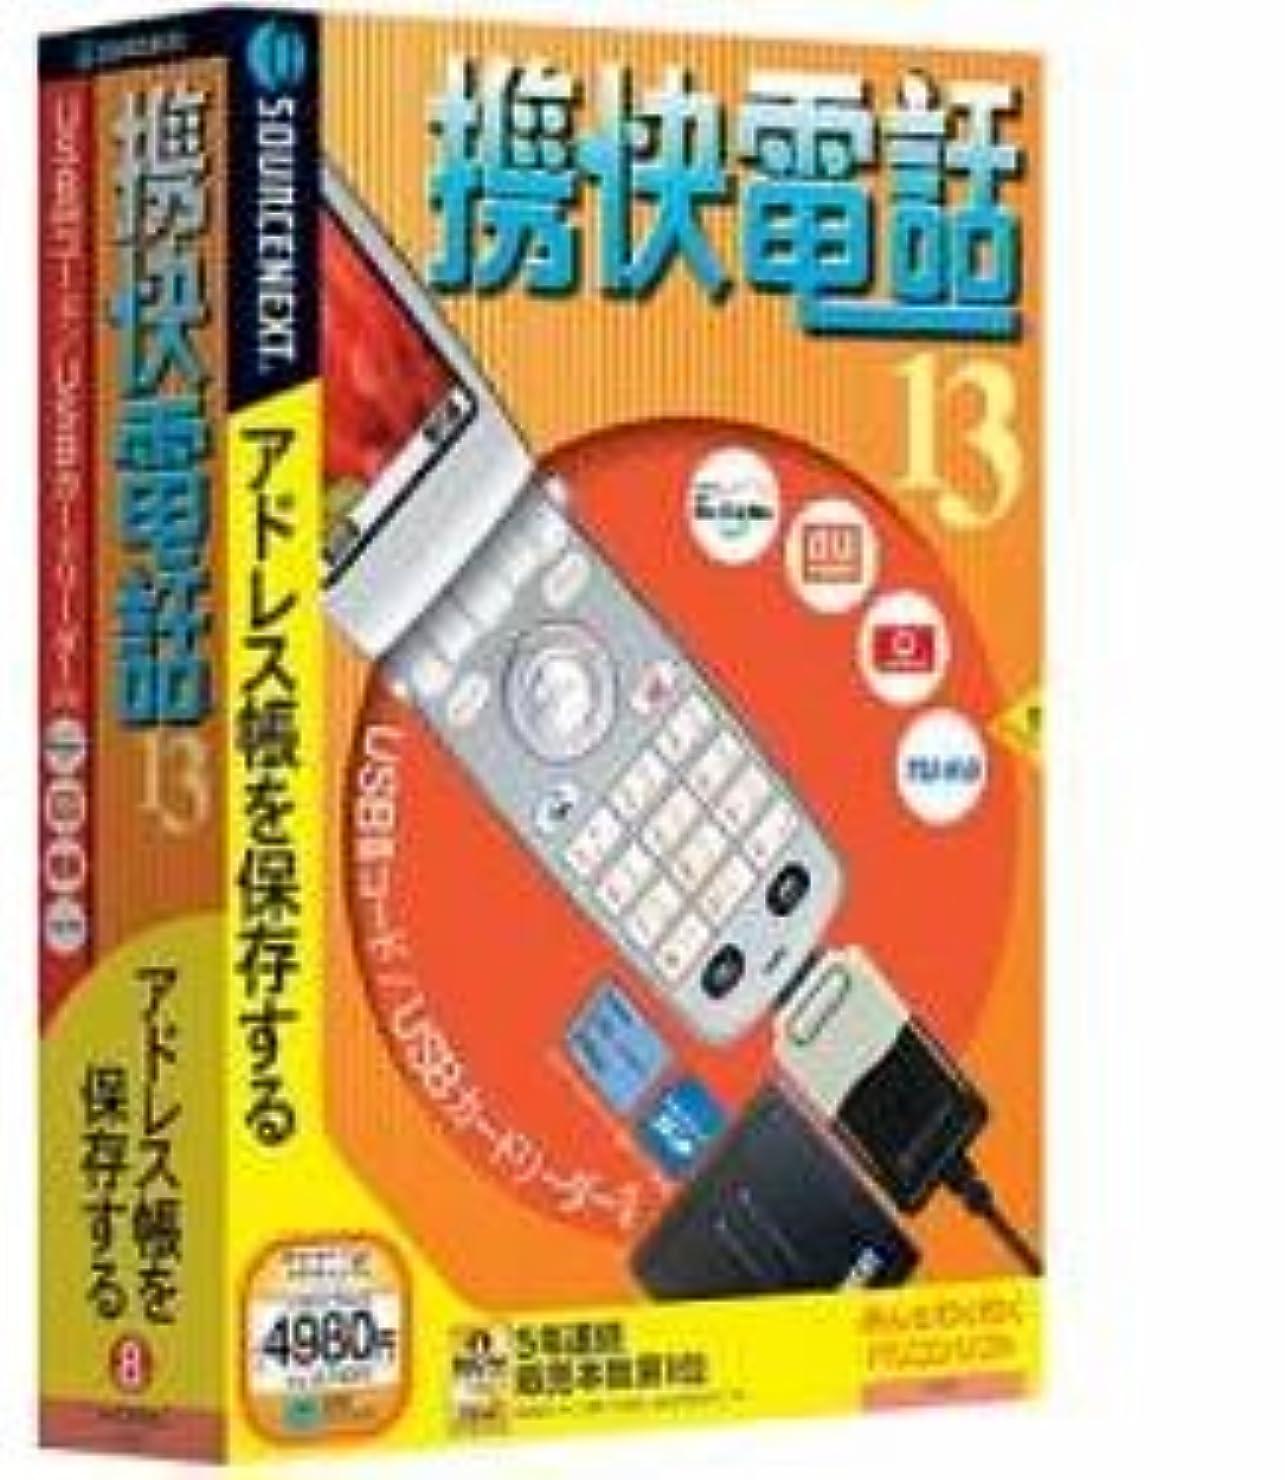 ビリー会計士明るい携快電話 13 USBコード?メモリーカードリーダー付き (説明扉付き厚型スリムパッケージ版)